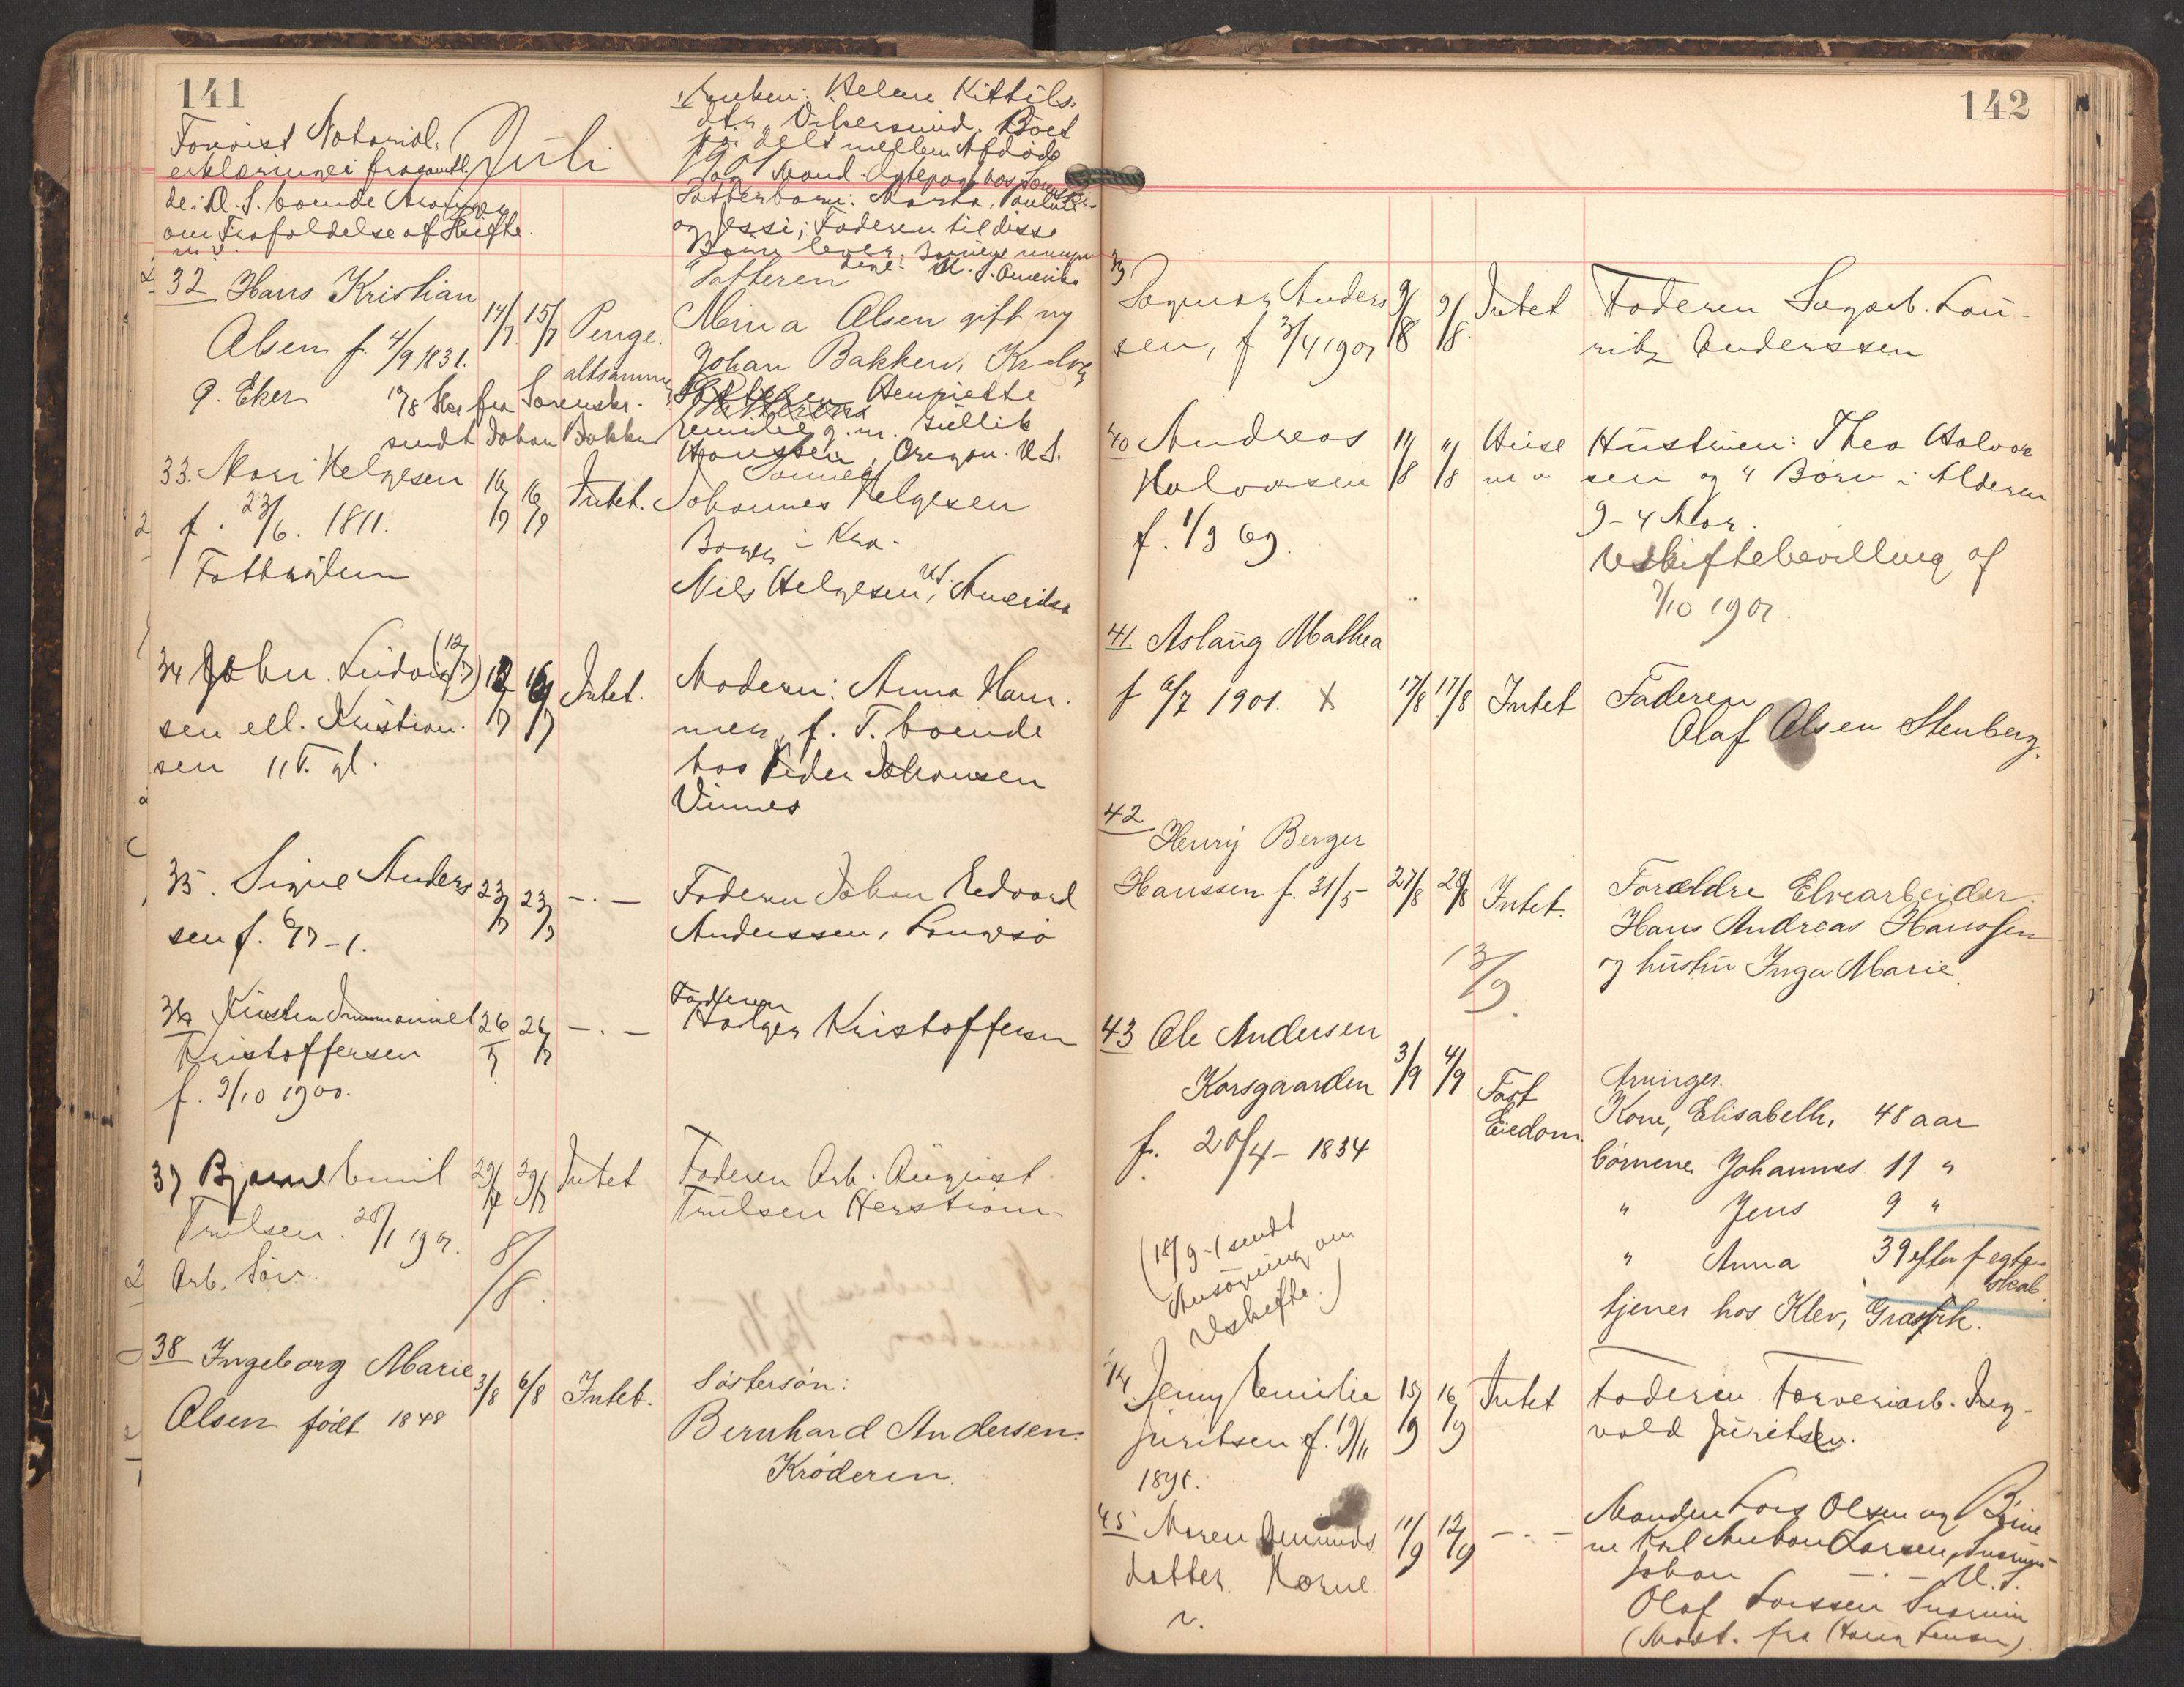 SAKO, Nedre Eiker lensmannskontor, H/Ha/L0001: Dødsfallsprotokoll, 1887-1915, s. 141-142